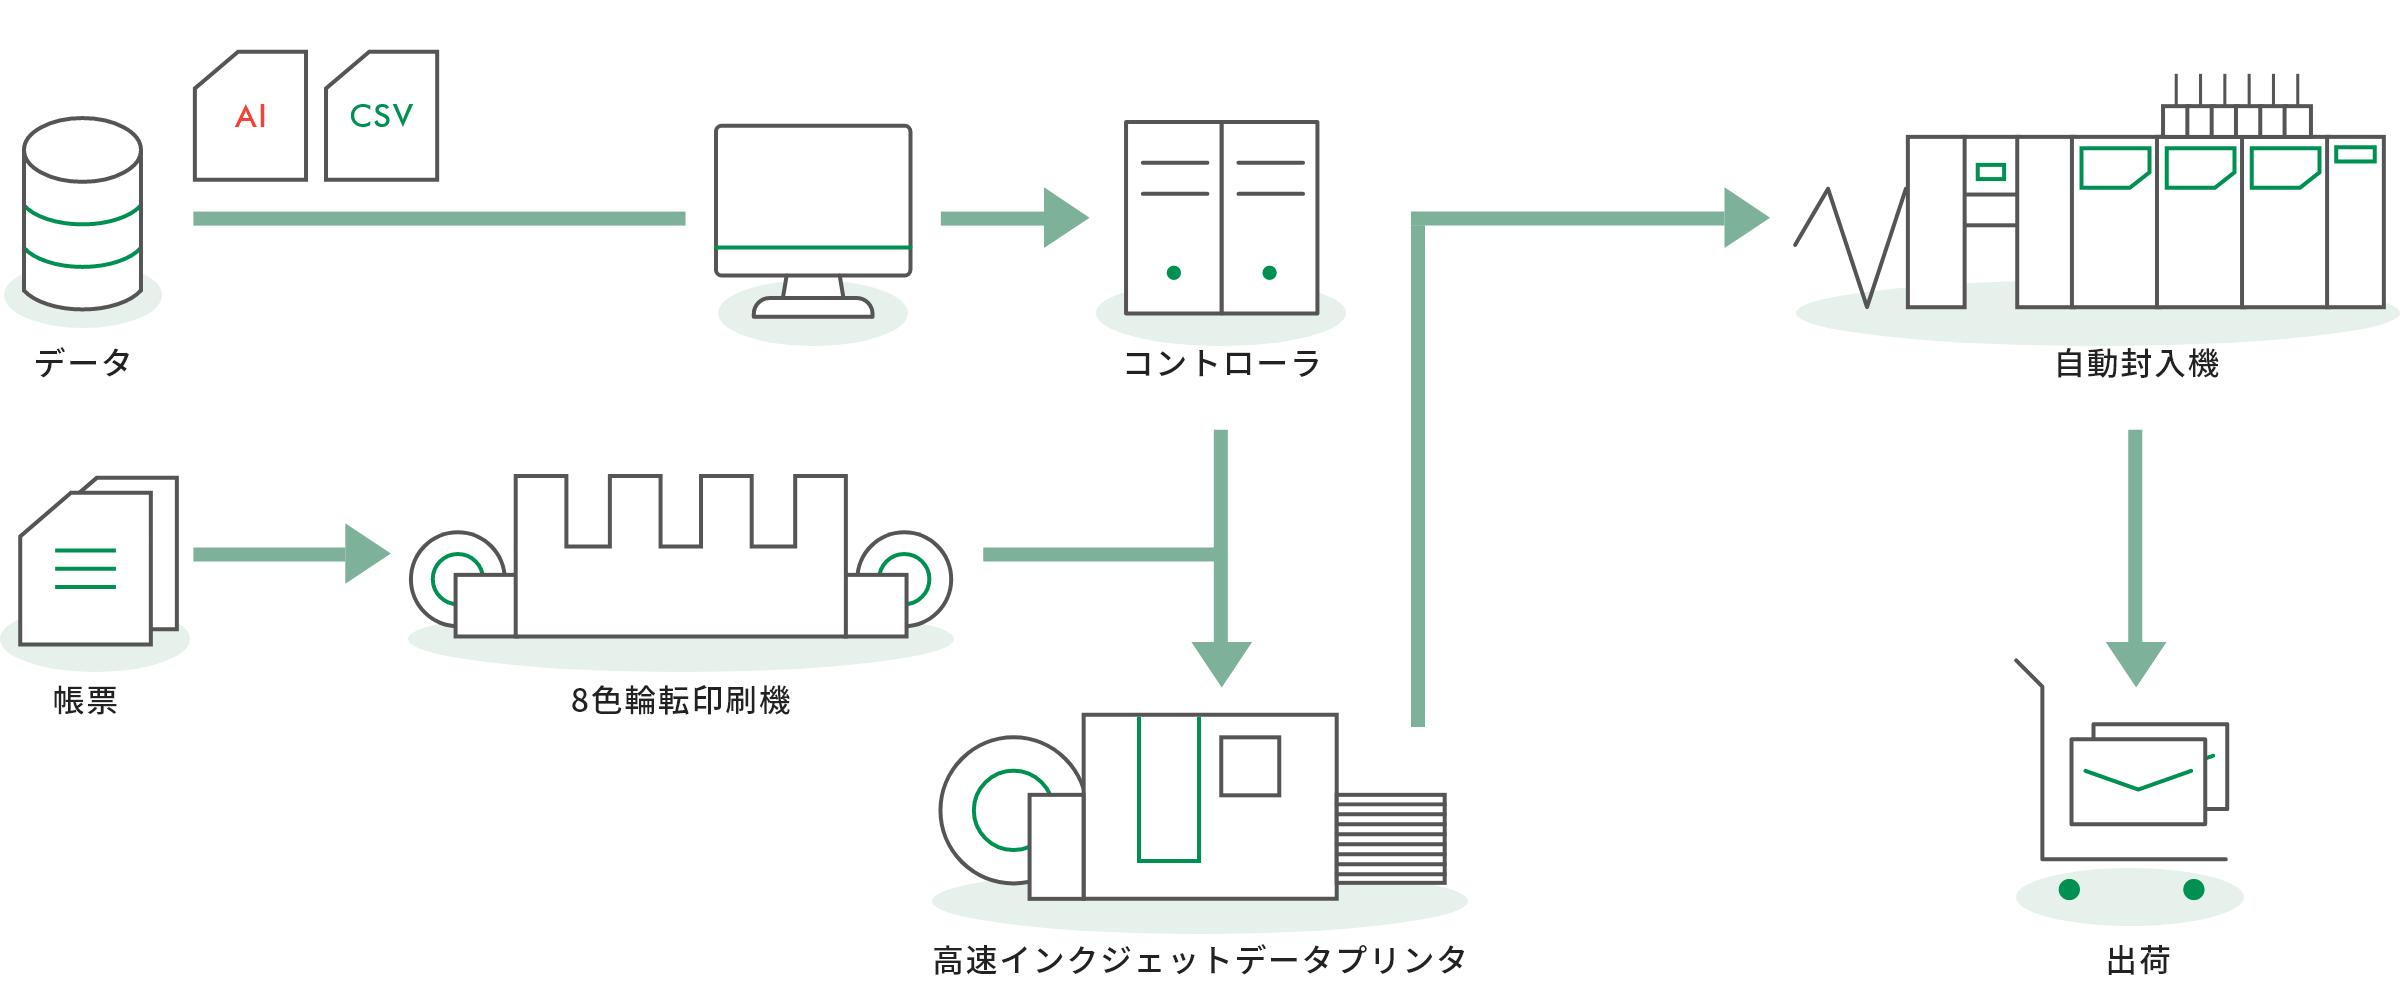 印刷プロセス